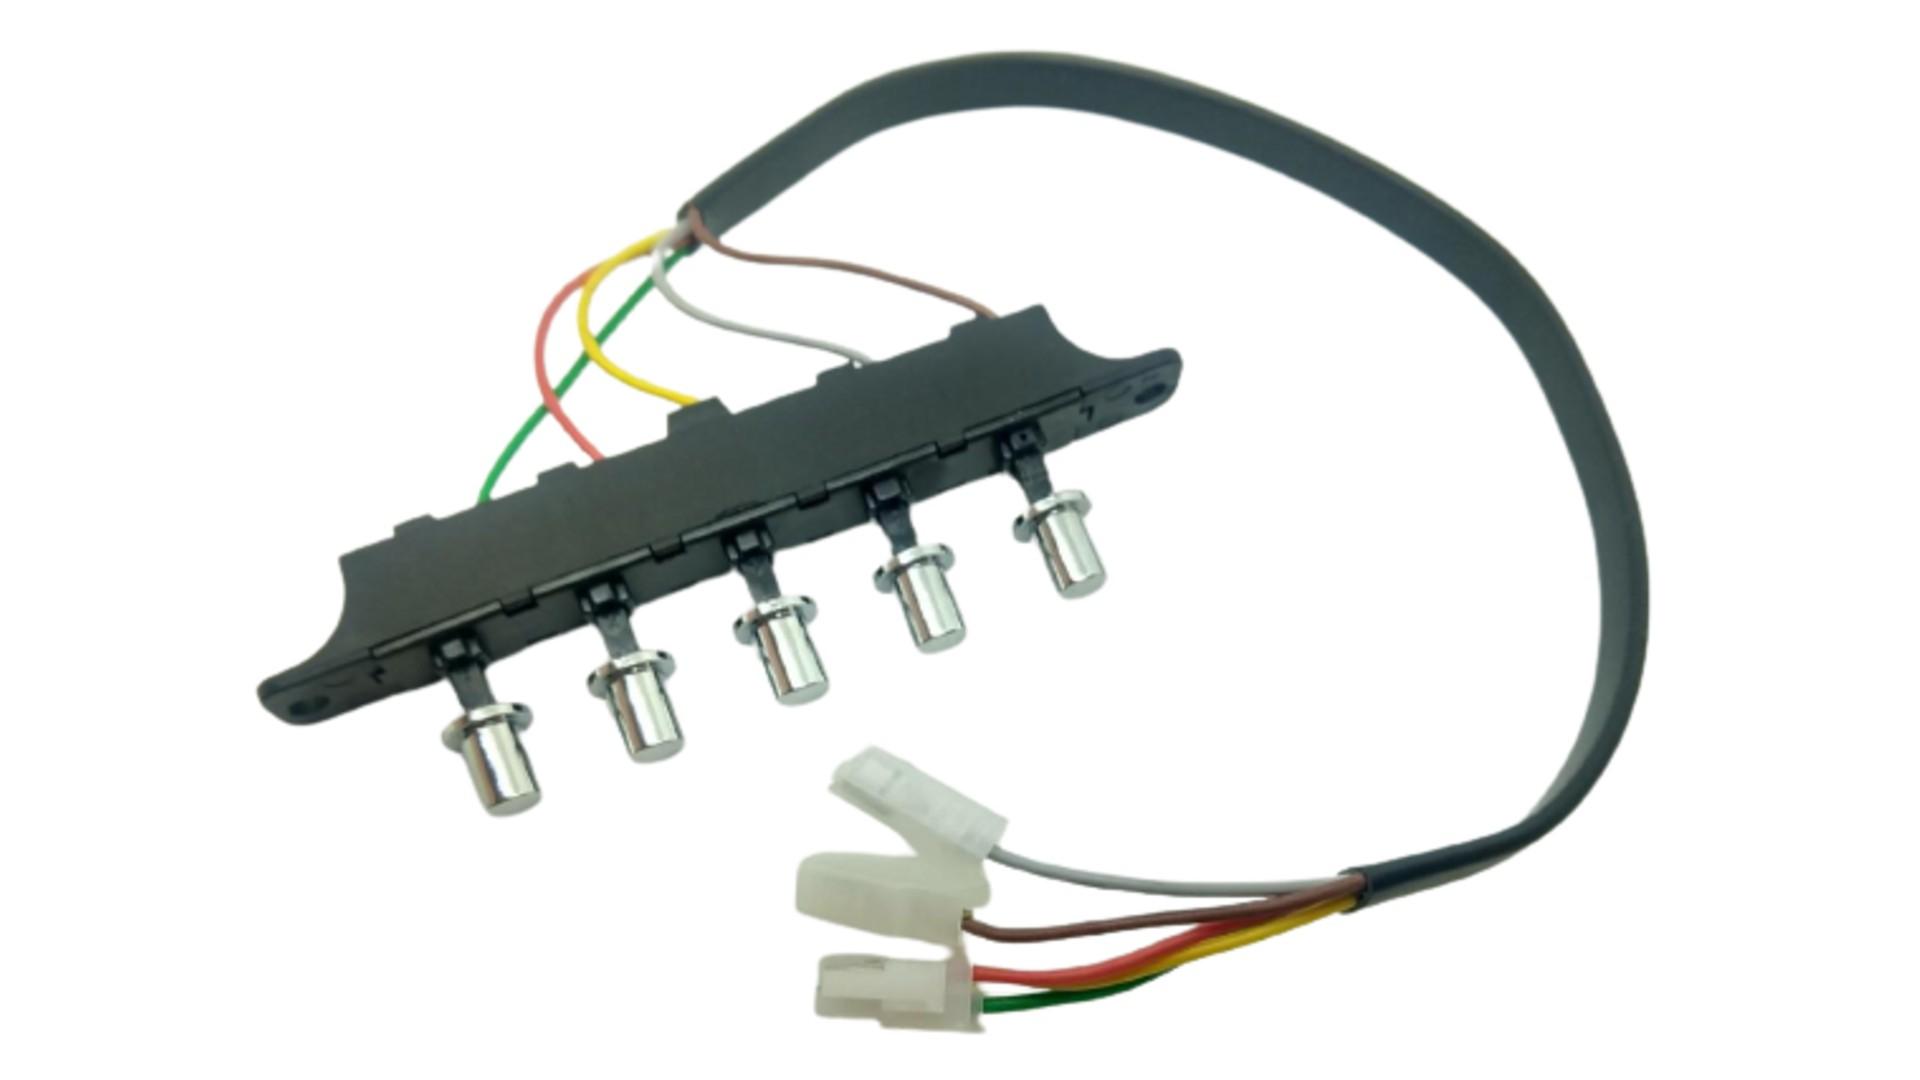 Interruptor 5 comandos Depurador SLIM  3 Velocidades Suggar c/ Cabos